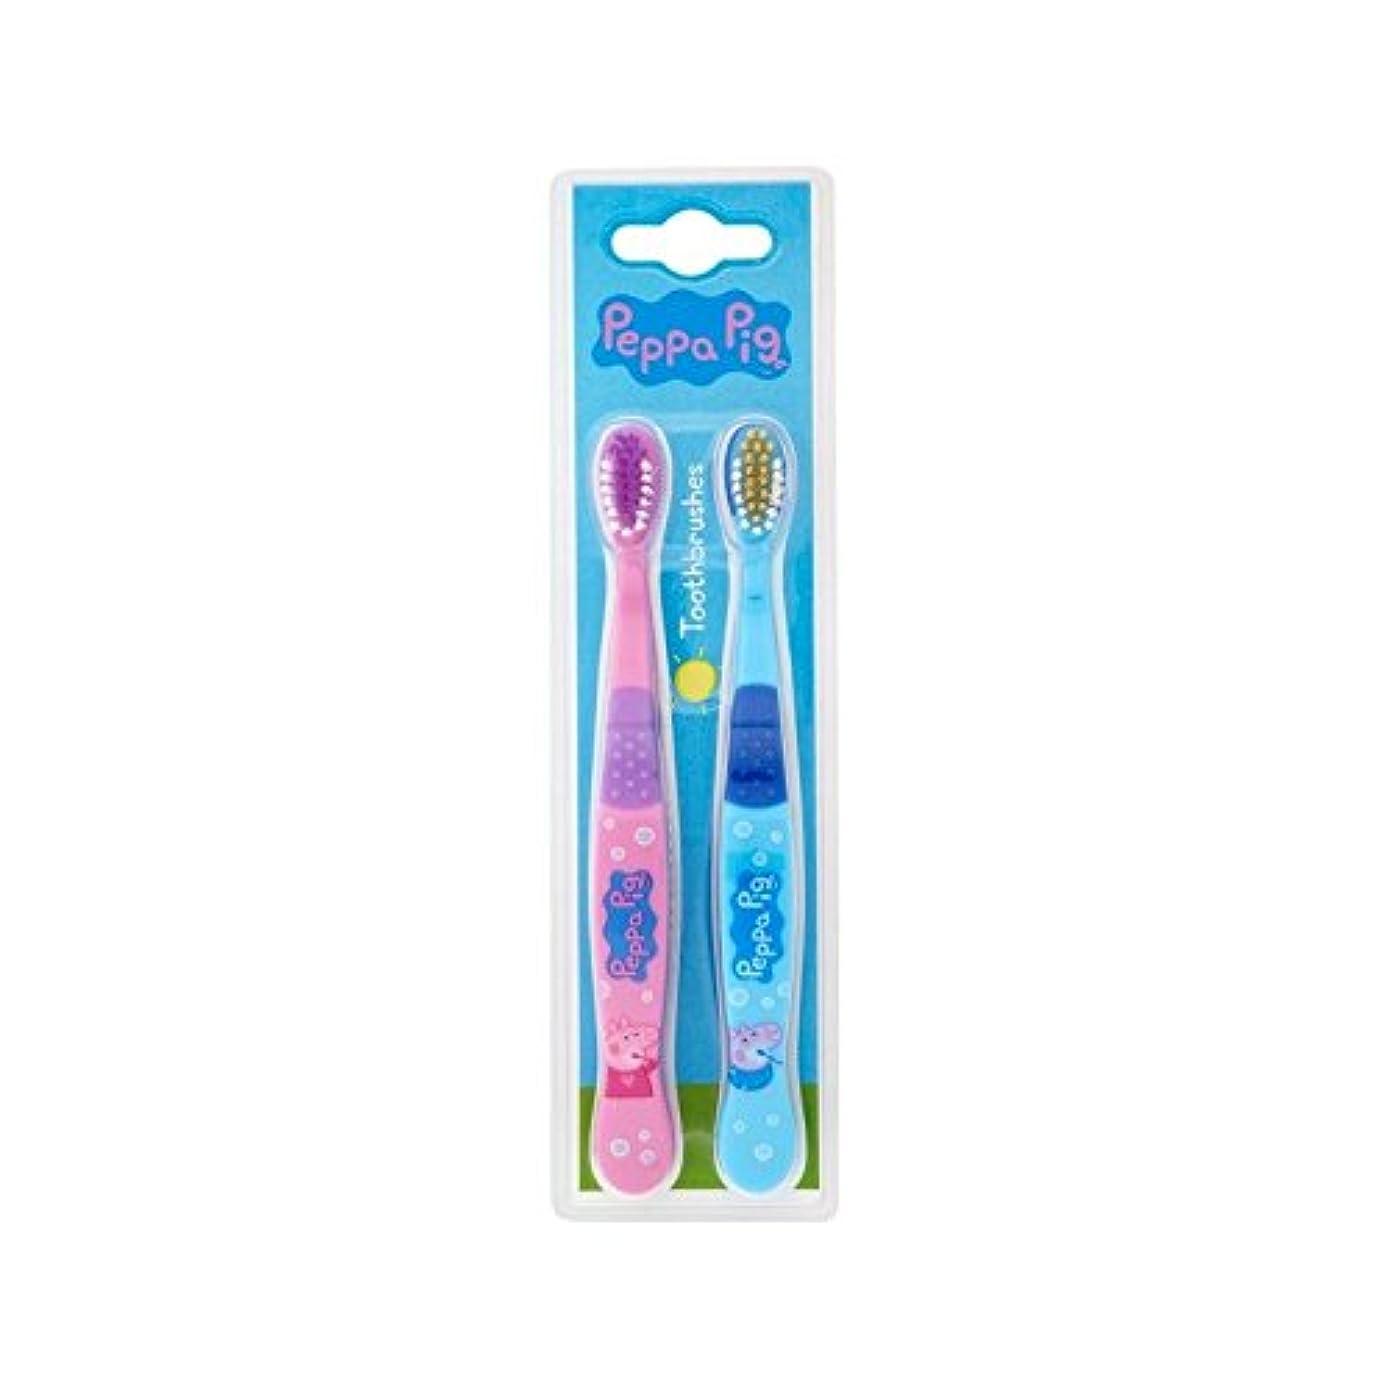 実施する開始ドリンク1パックツイン歯ブラシ2 (Peppa Pig) (x 4) - Peppa Pig Twin Toothbrush 2 per pack (Pack of 4) [並行輸入品]